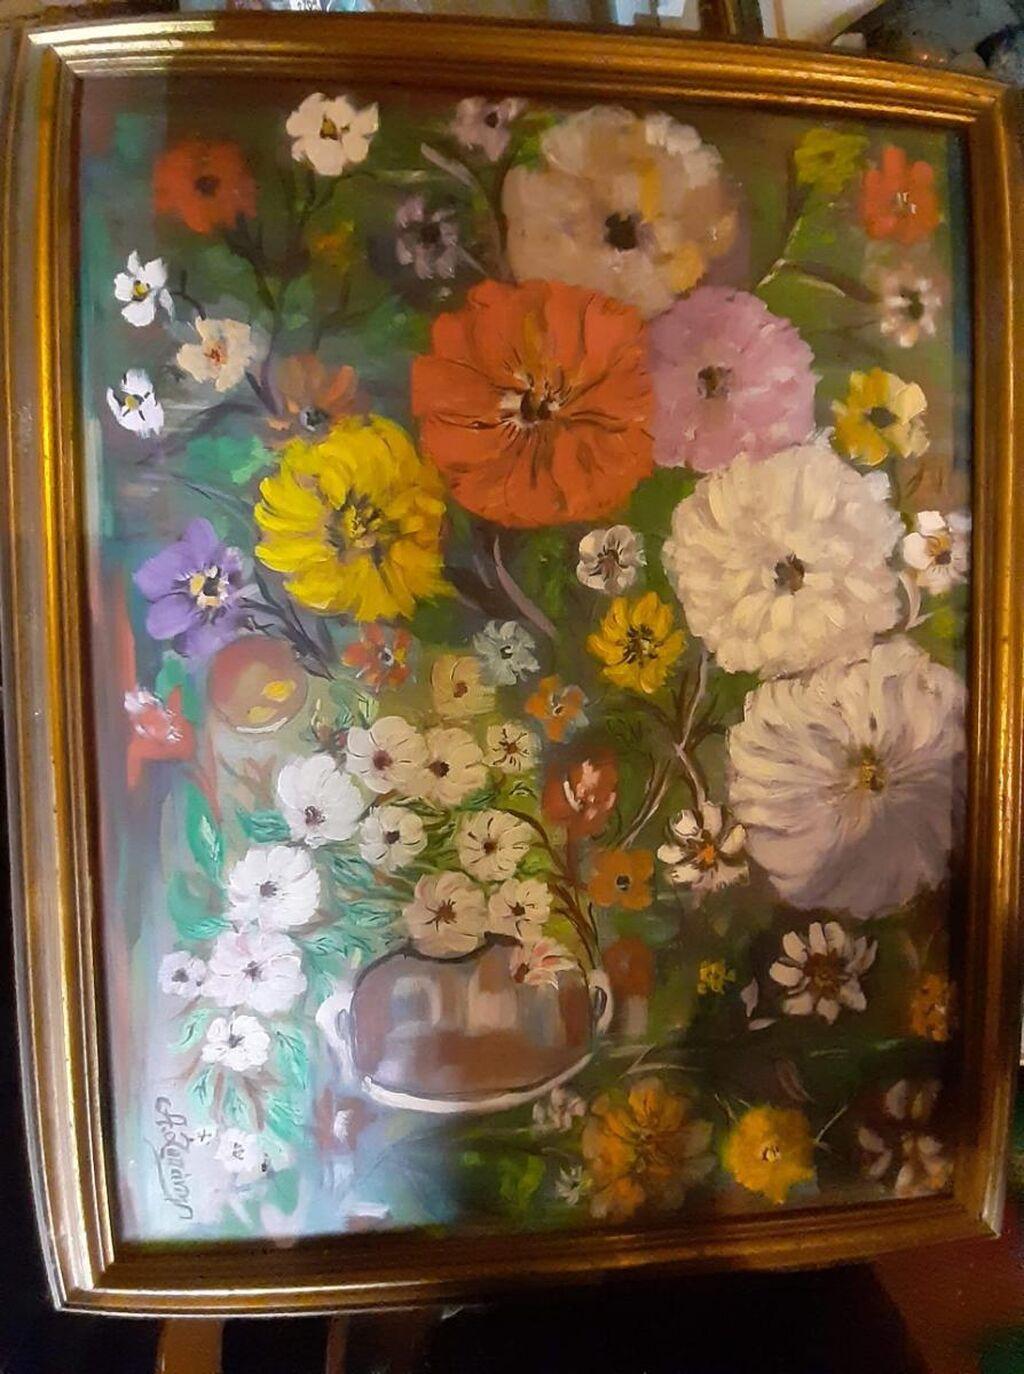 Πινακας ζωγραφικης.Συνθεση λουλουδιων